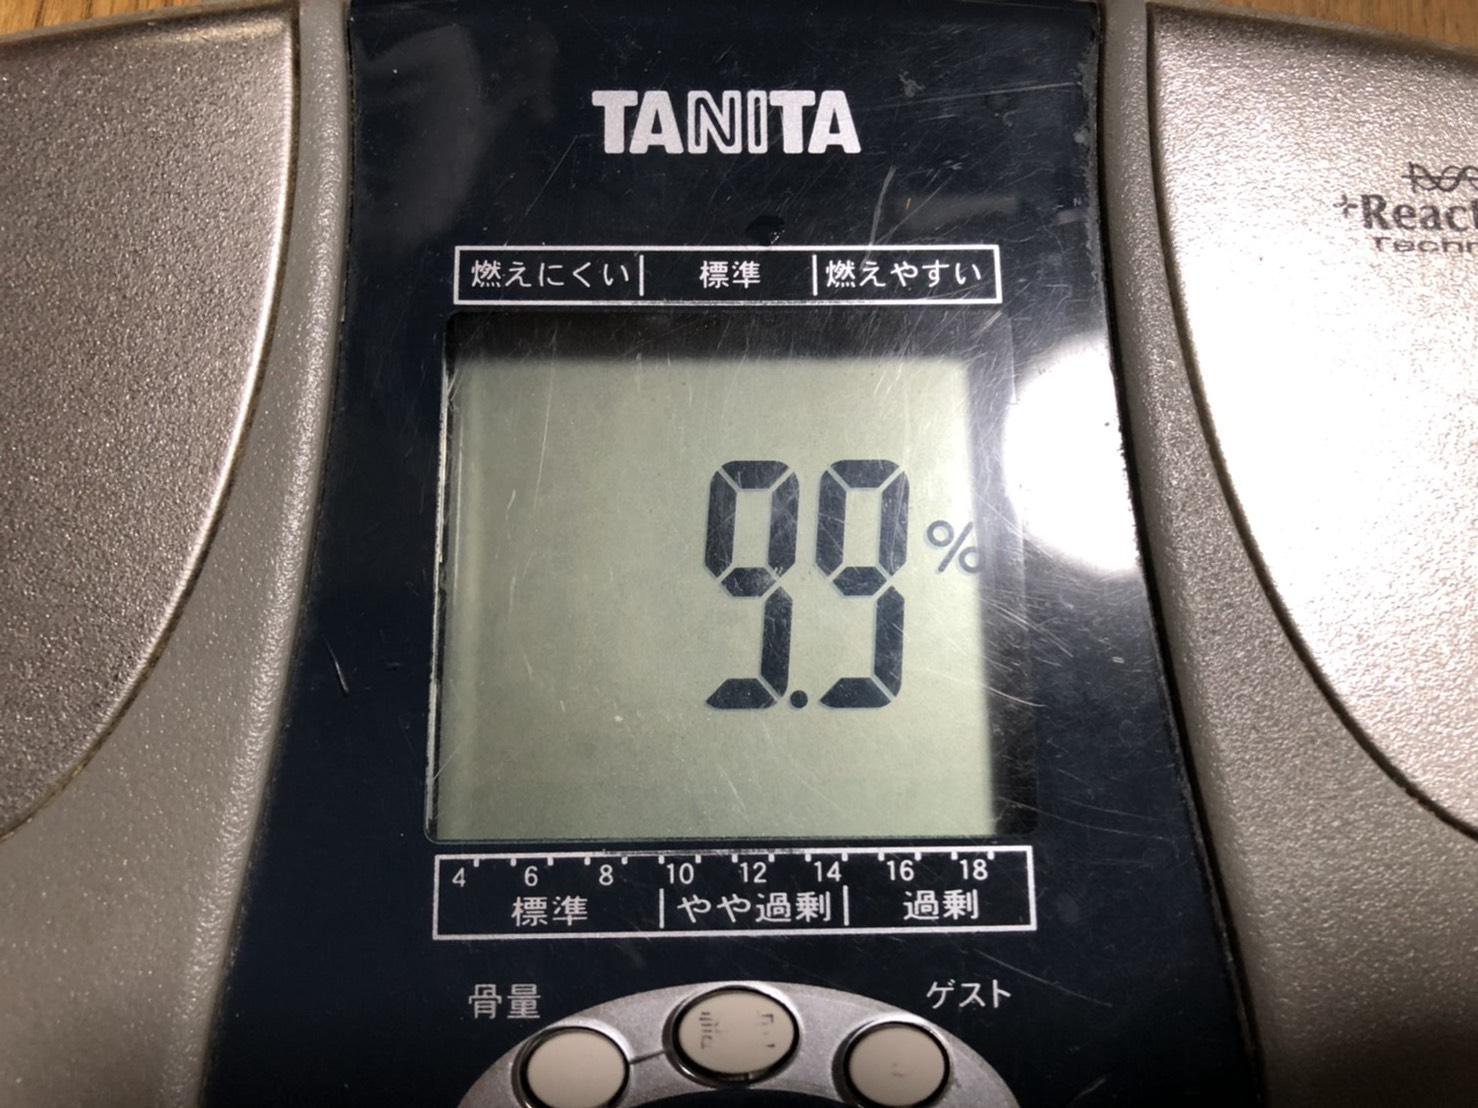 ダイエットなしで体重-4kg・体脂肪-3%の裏側